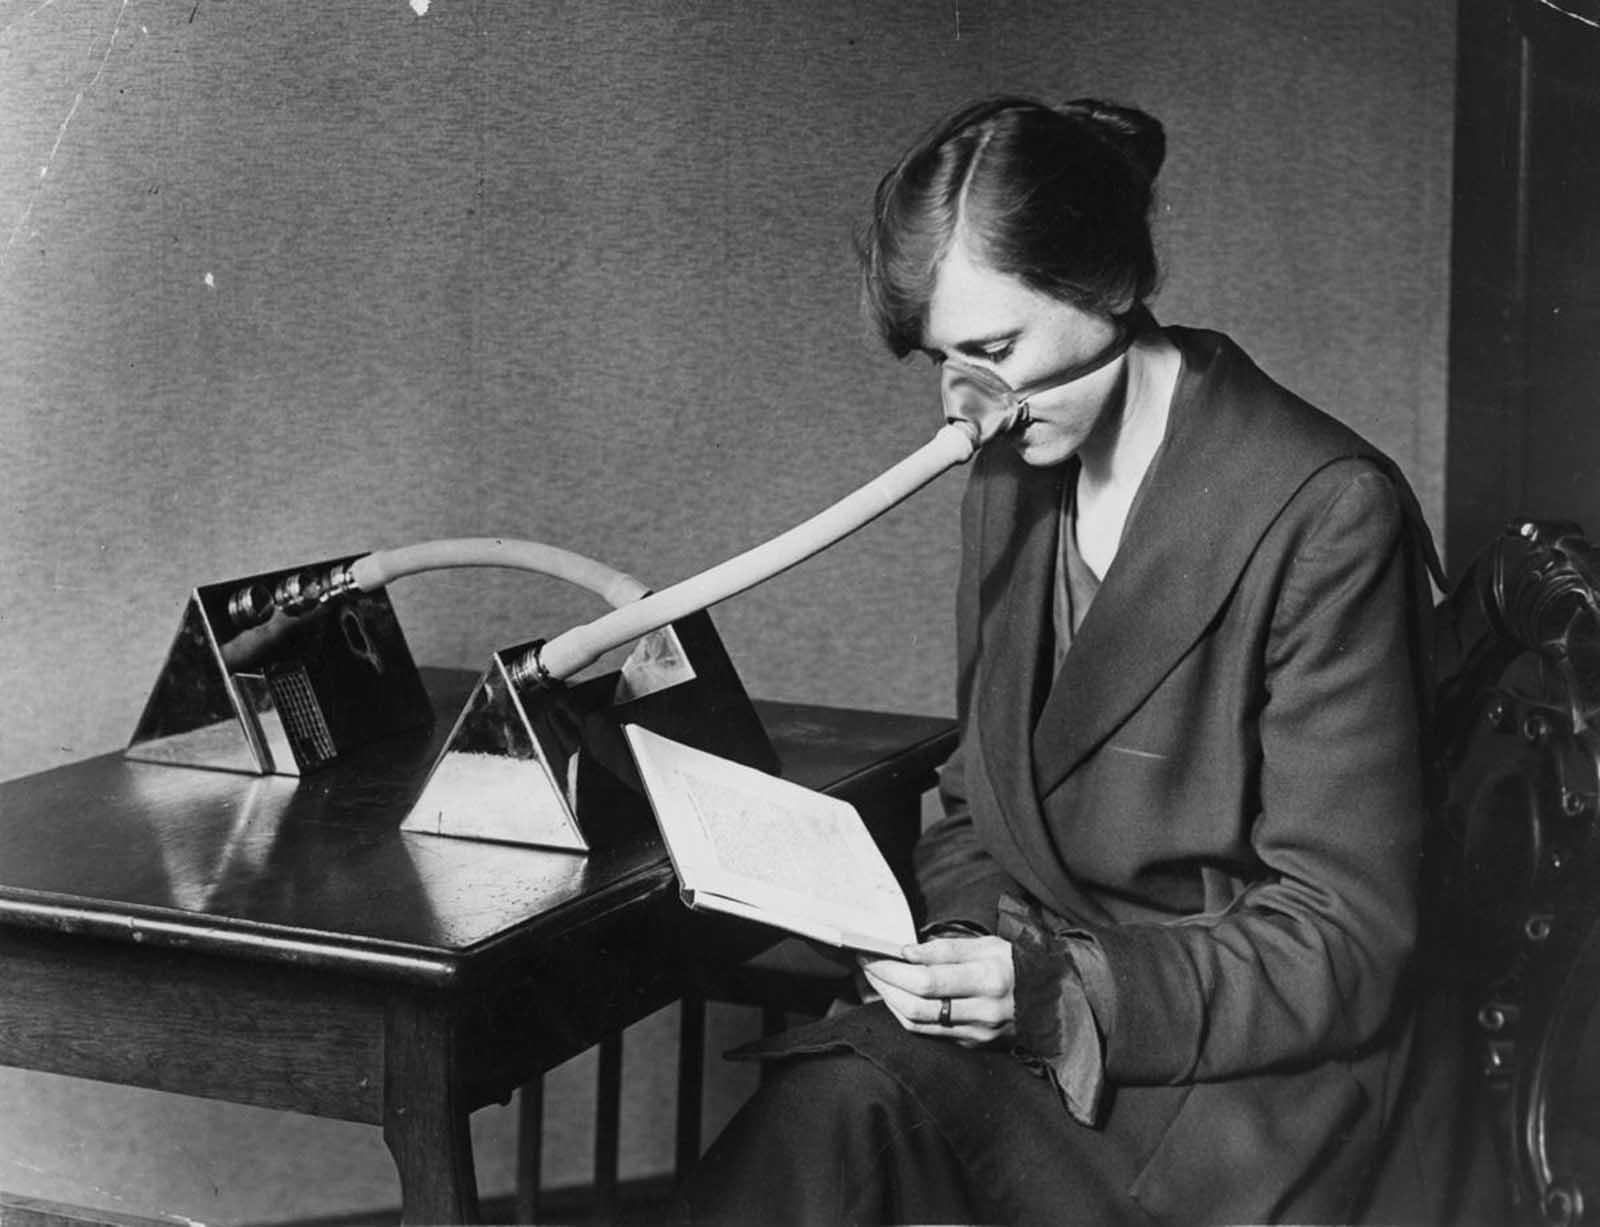 Una mujer que llevaba una máscara contra la gripe durante la epidemia de gripe que siguió a la Primera Guerra Mundial, 1919.